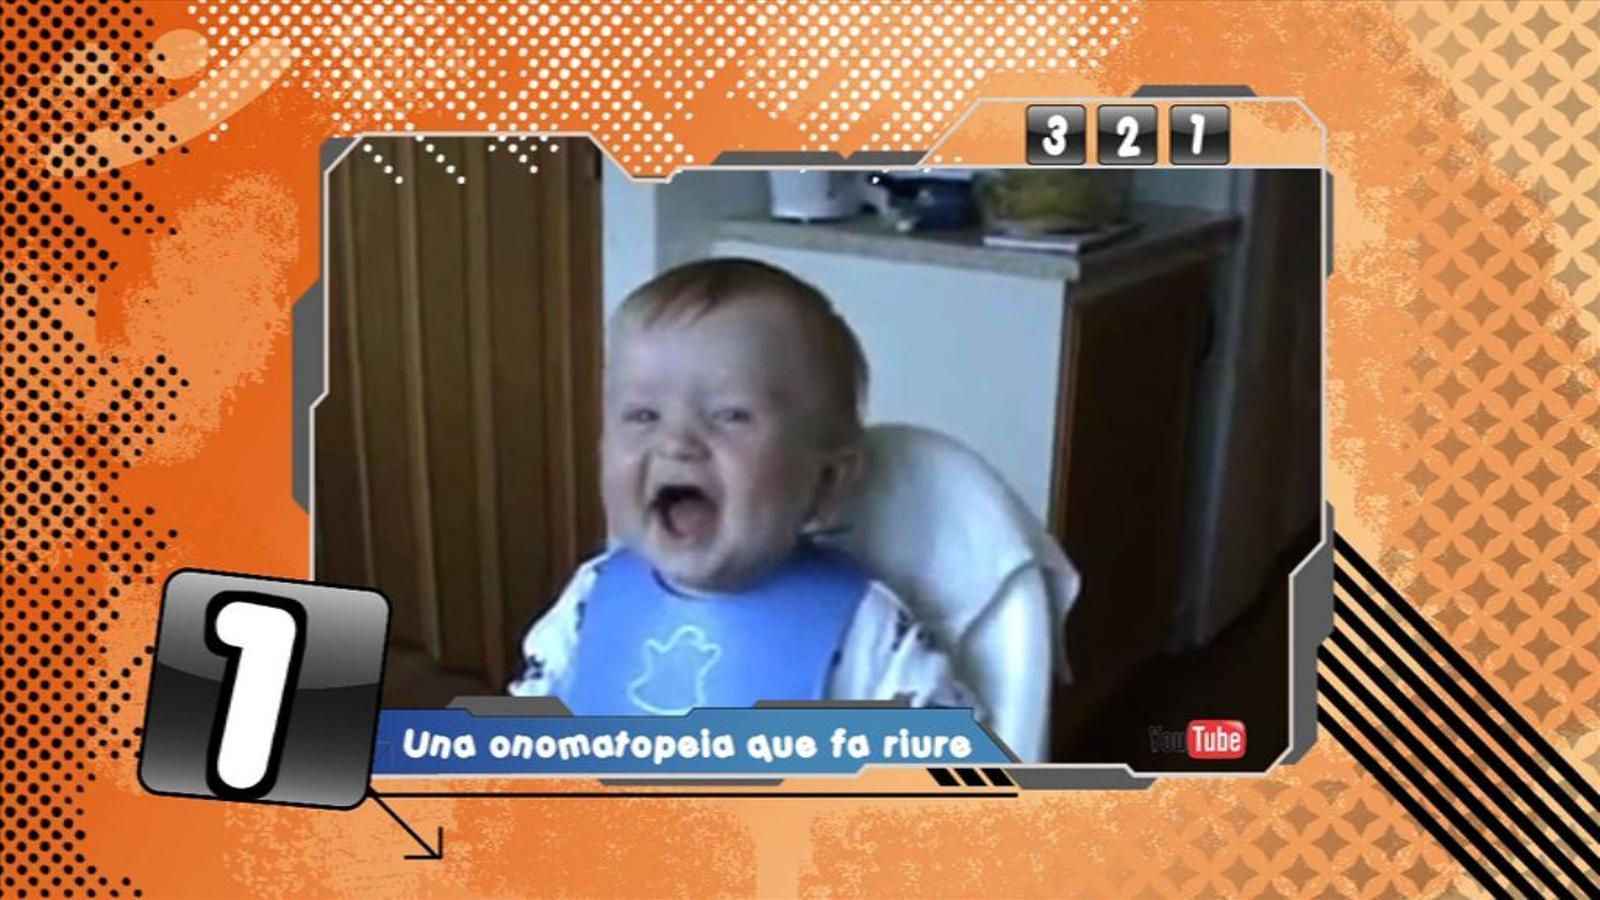 Criatures: Vídeos protagonitzats per nadons que encomanen el riure